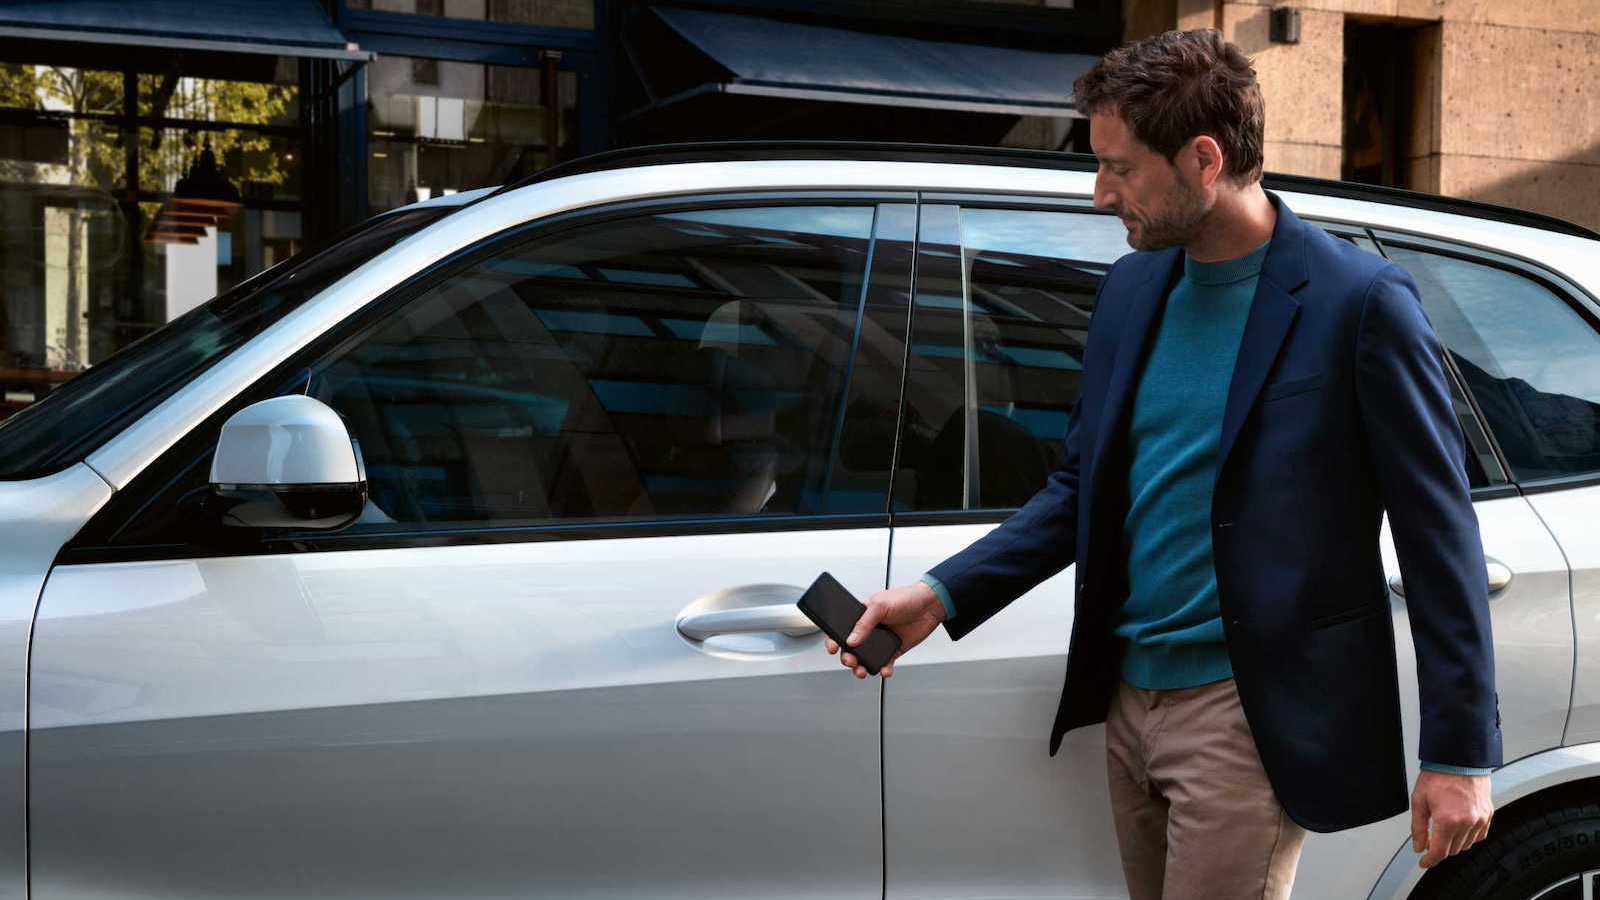 Hamarosan kocsikulccsá változhat iPhone-od